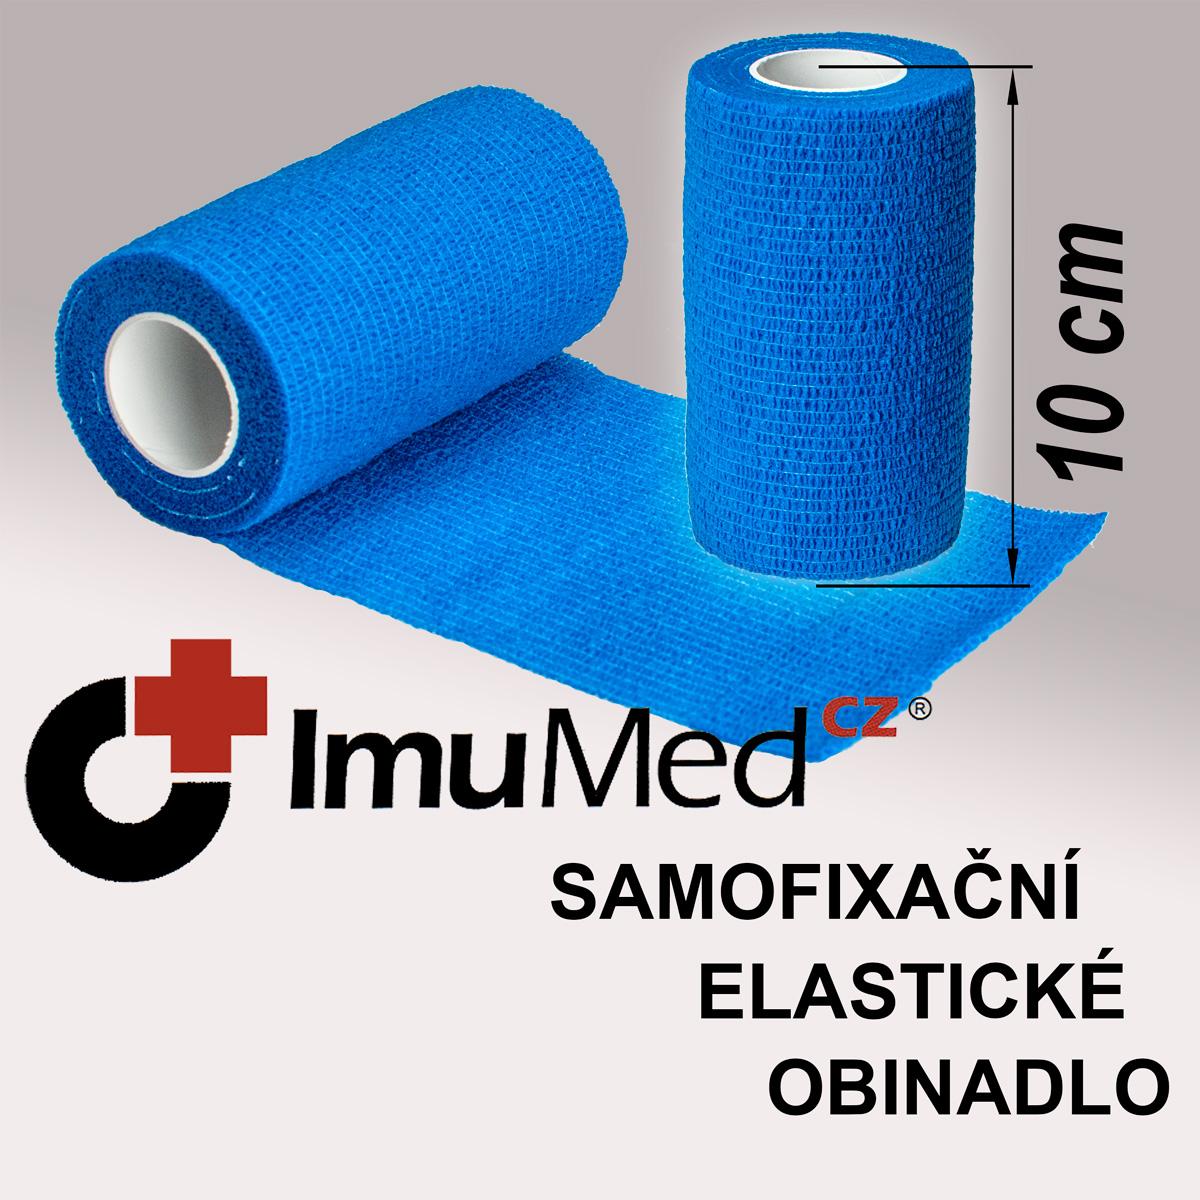 ImuMedCZ samofixační elastické obinadlo 10 cm x 4,5 m MODRÁ barva ImuMedCZ samodržící elastické obinadlo 10 cm x 4,5 m MODRÁ barva